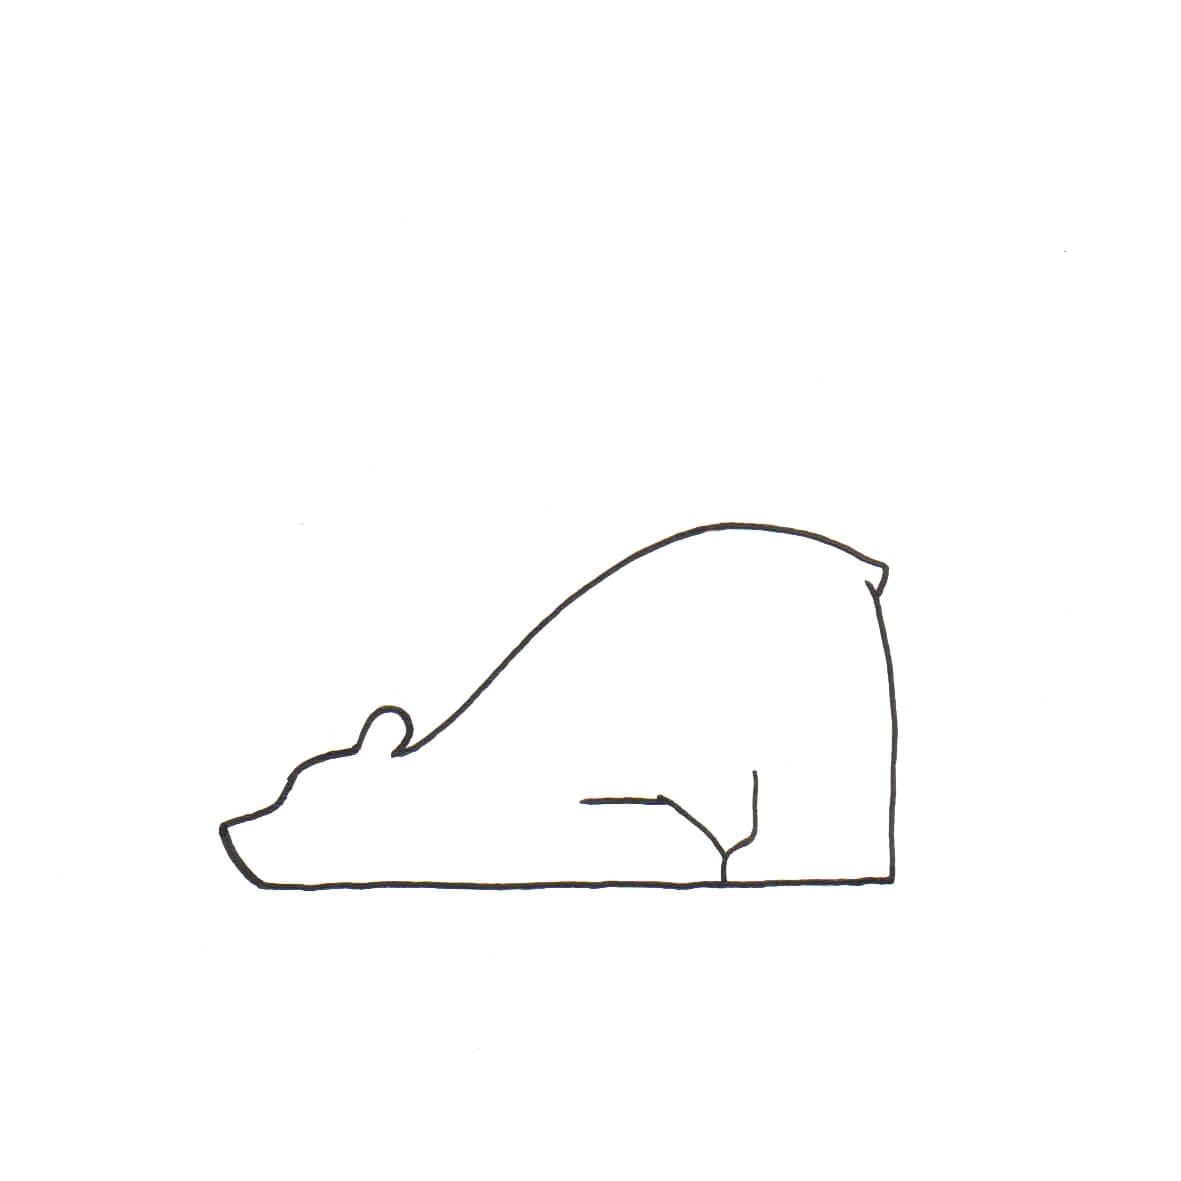 beer | tekening door Cynthia Borst